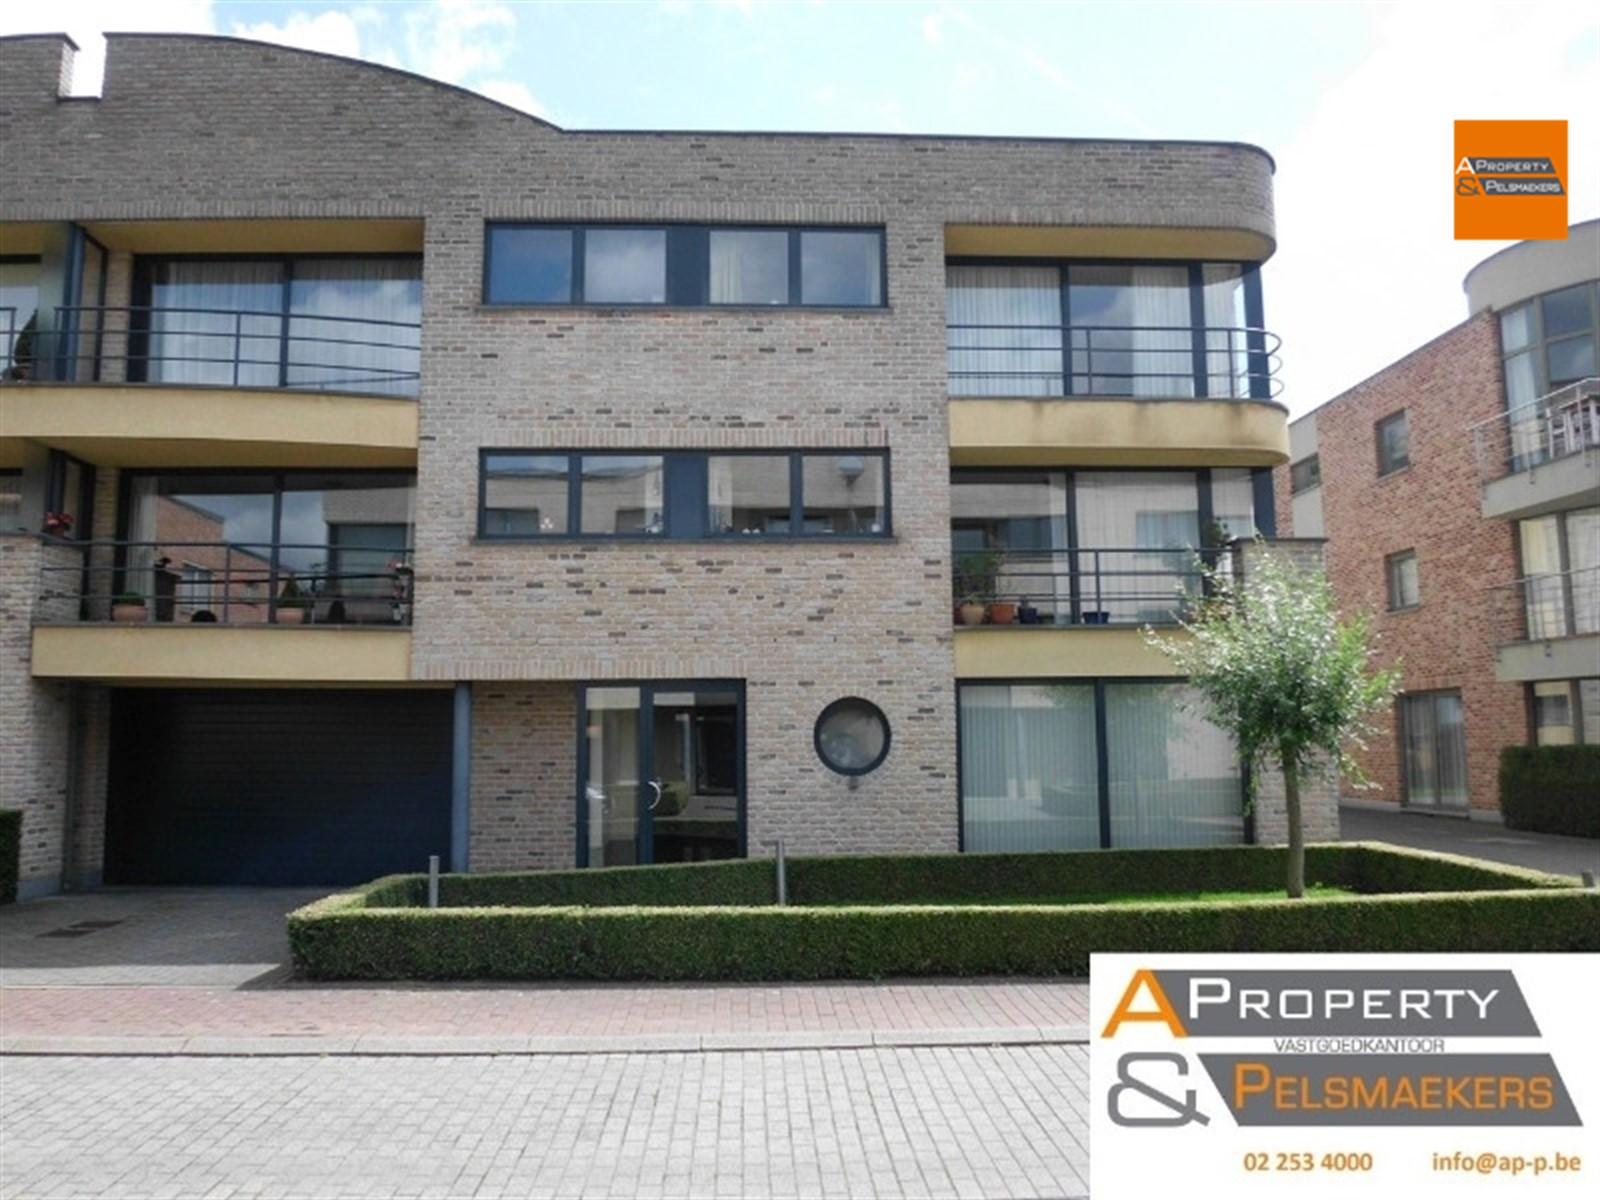 Foto 2 : Appartement in 3070 Kortenberg (België) - Prijs € 800